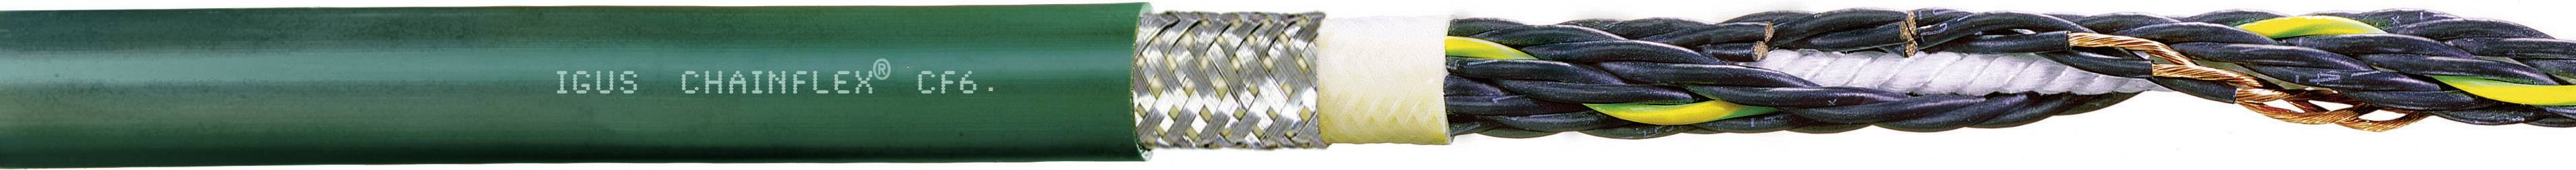 Řídicí kabelové vedení igus Chainflex® CF6.10.05, 5x 1 mm², Ø 9,5 mm, stíněný, 1 m